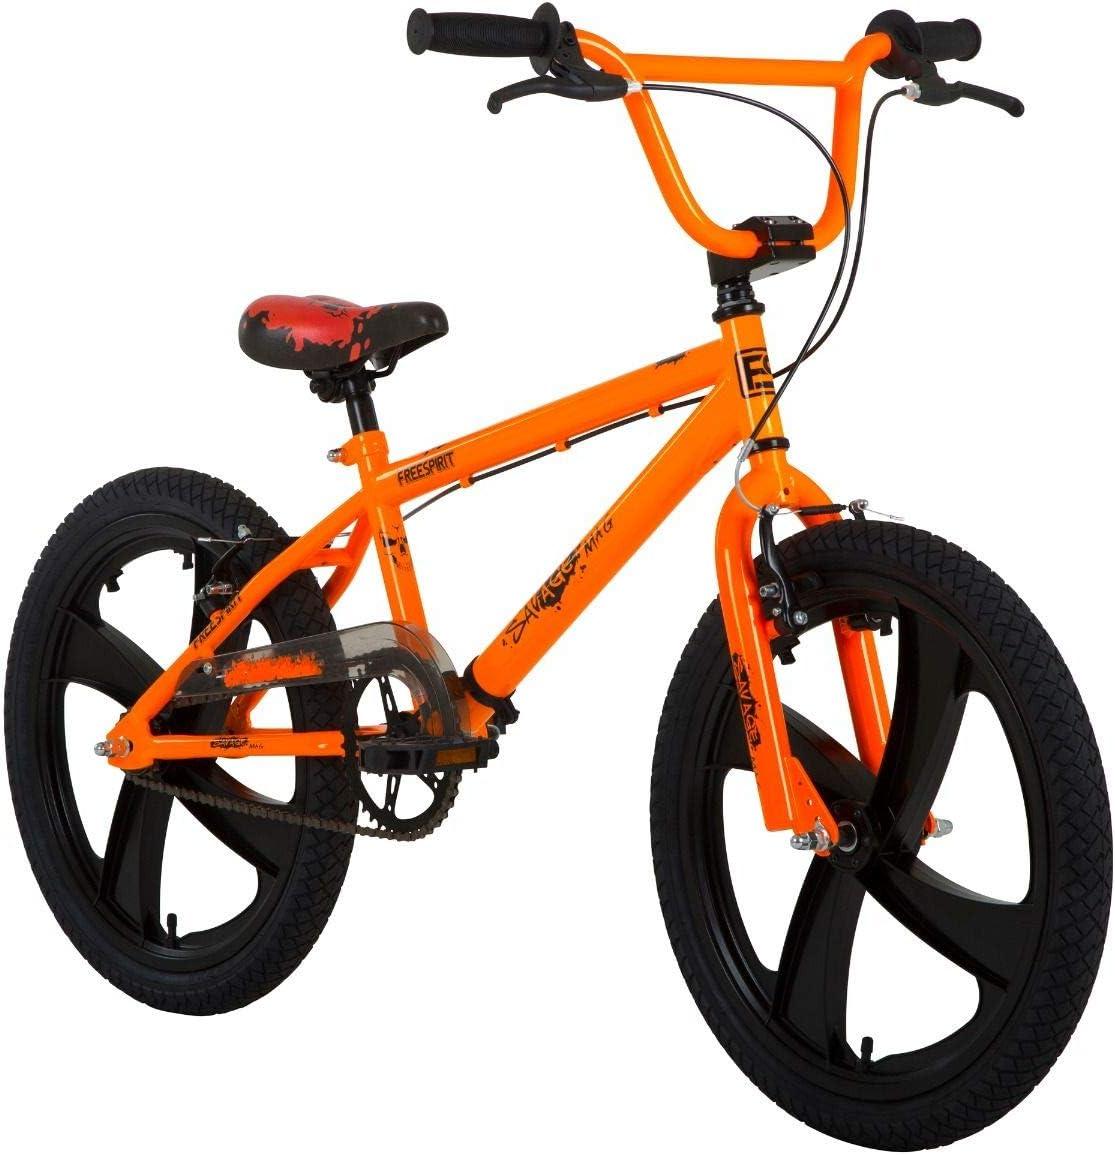 Freespirit Savage - Bicicleta BMX Retro de 20 Pulgadas, Color ...